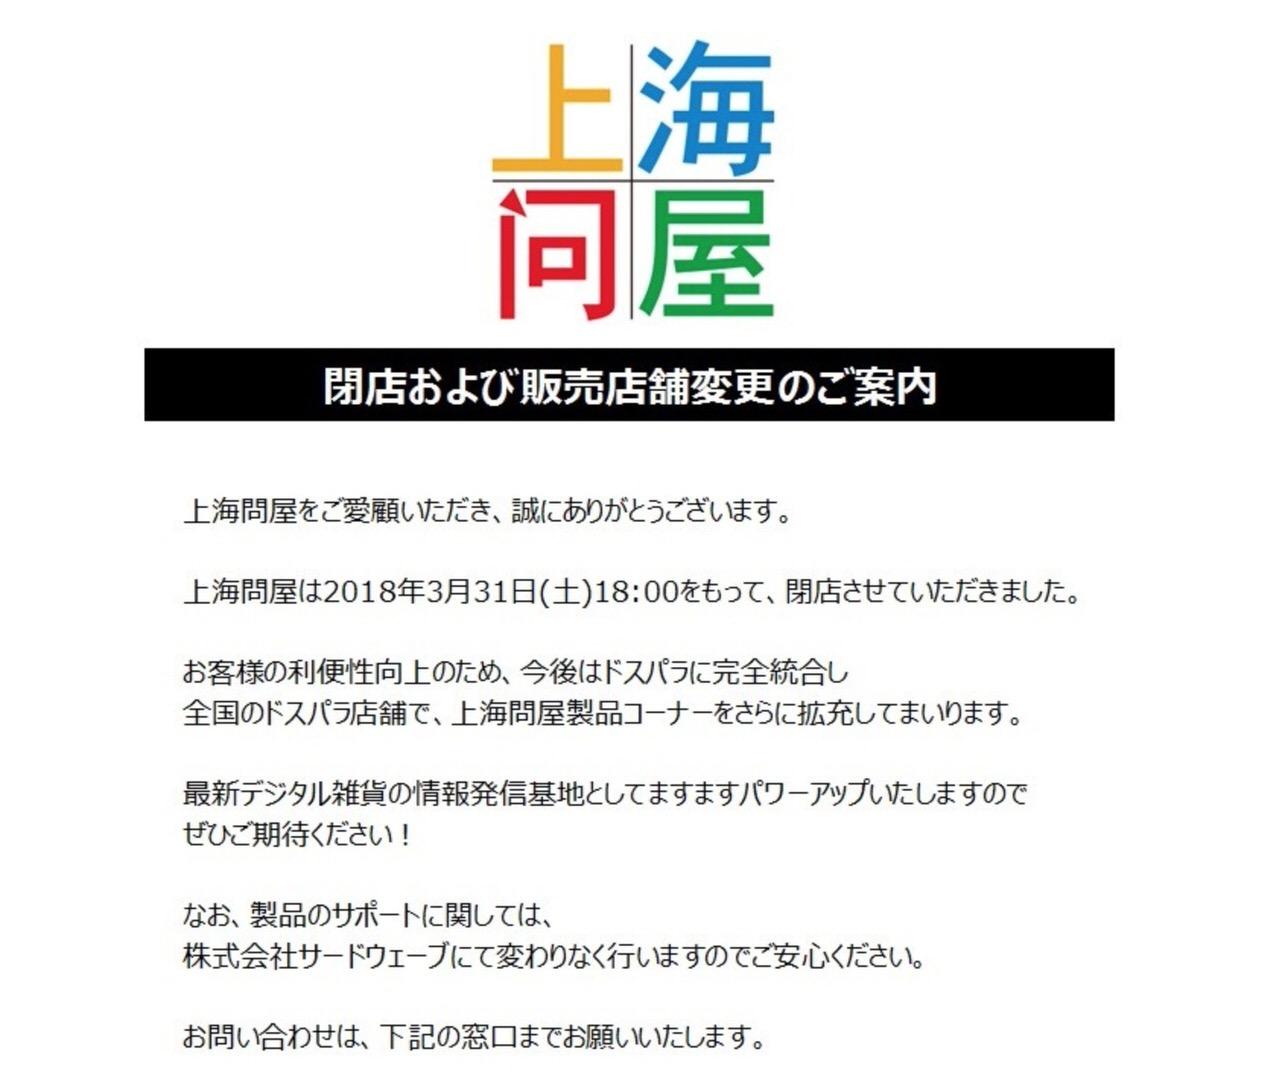 「上海問屋」が閉店